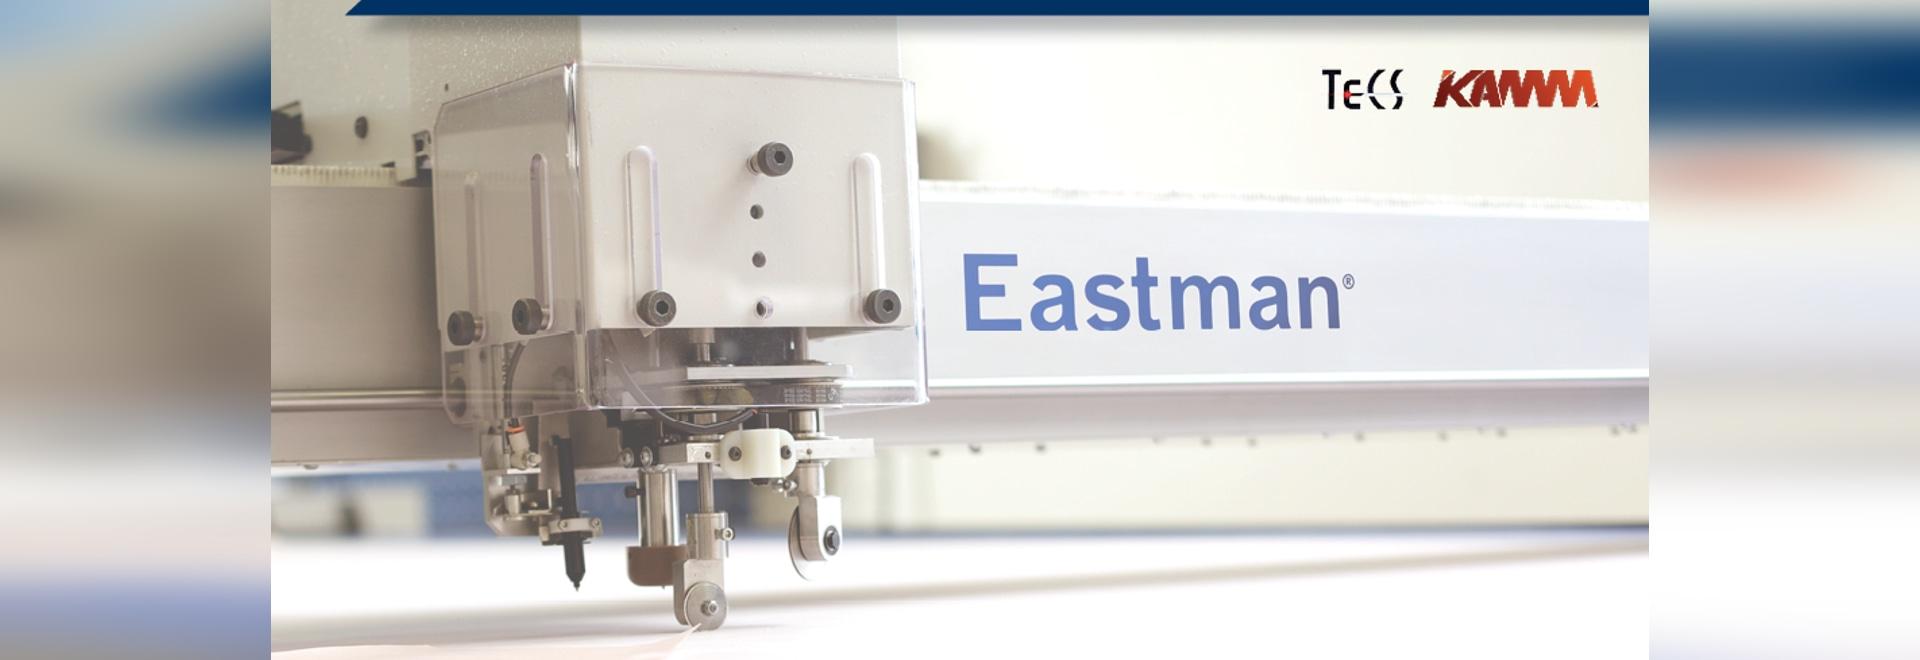 Nouvelle installation de démonstration à Eastman, au Royaume-Uni